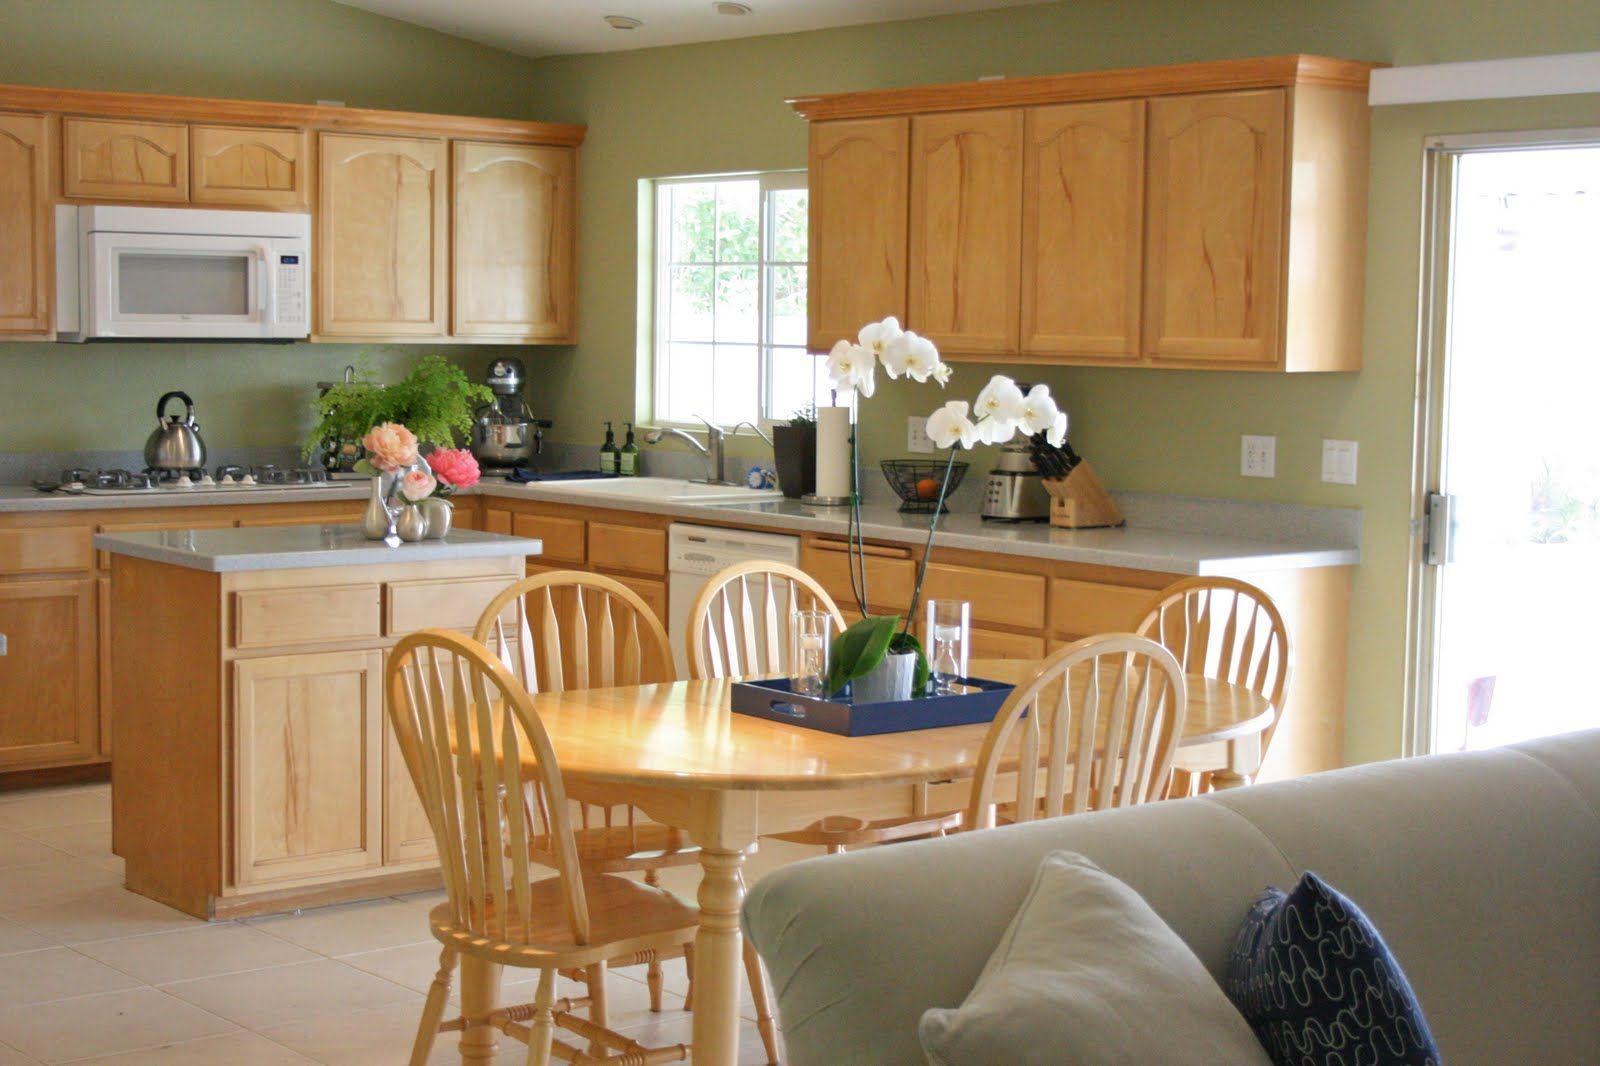 natural birch kitchen cabinets - Google Search   Birch ...